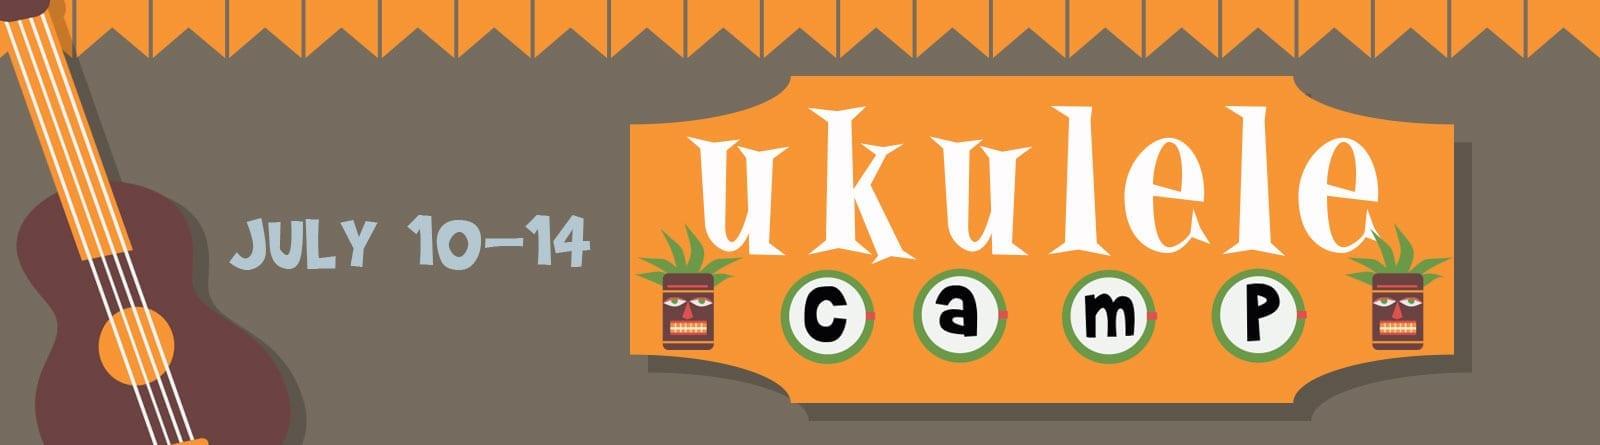 Ukulele-Camp1600x445